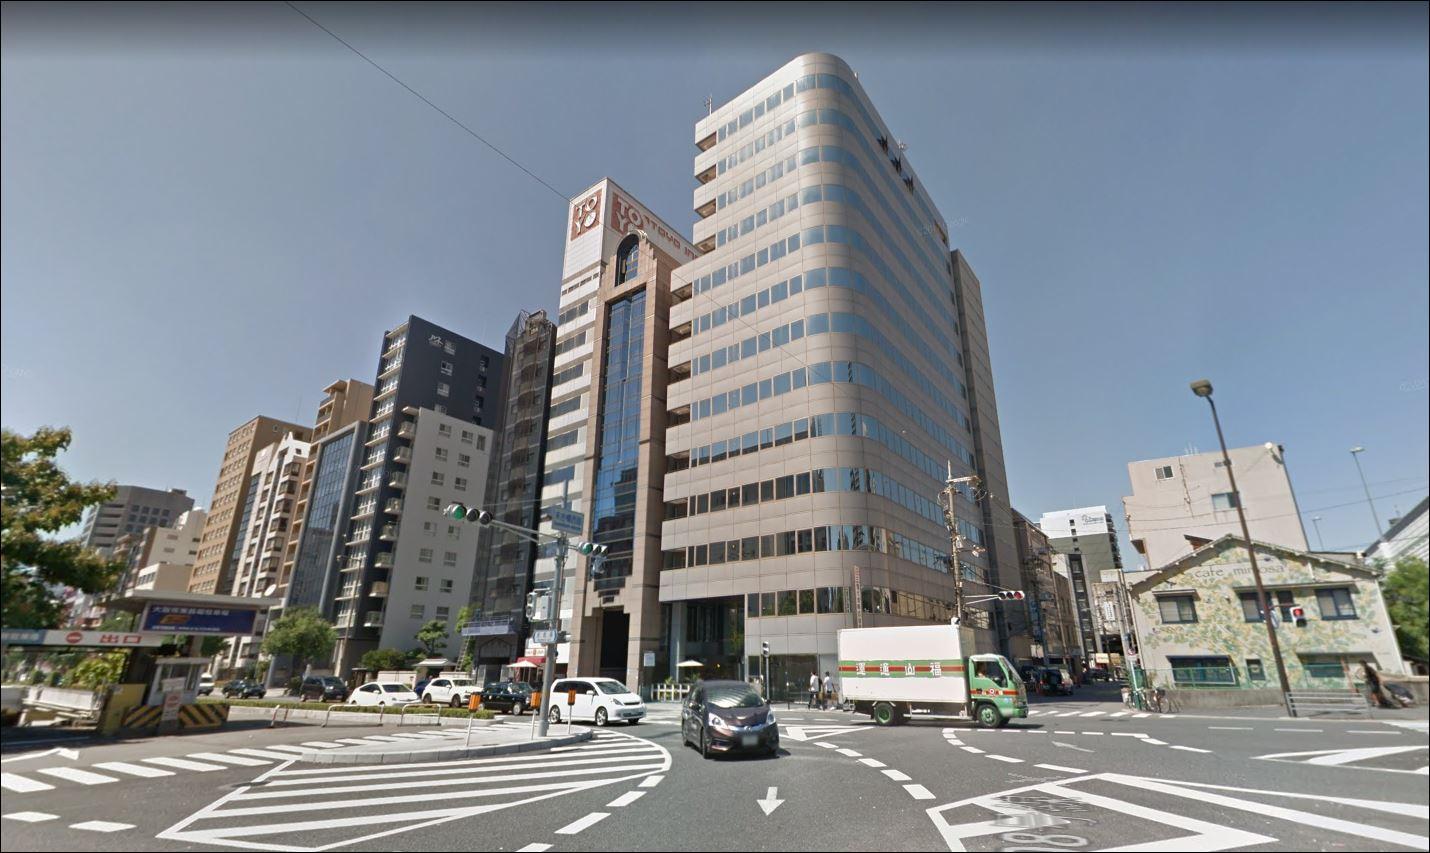 [你的資產組合] 大阪 中央区 地標式 事務所+舖位 1億 ! 全幢連地皮 永久歸你所有 !